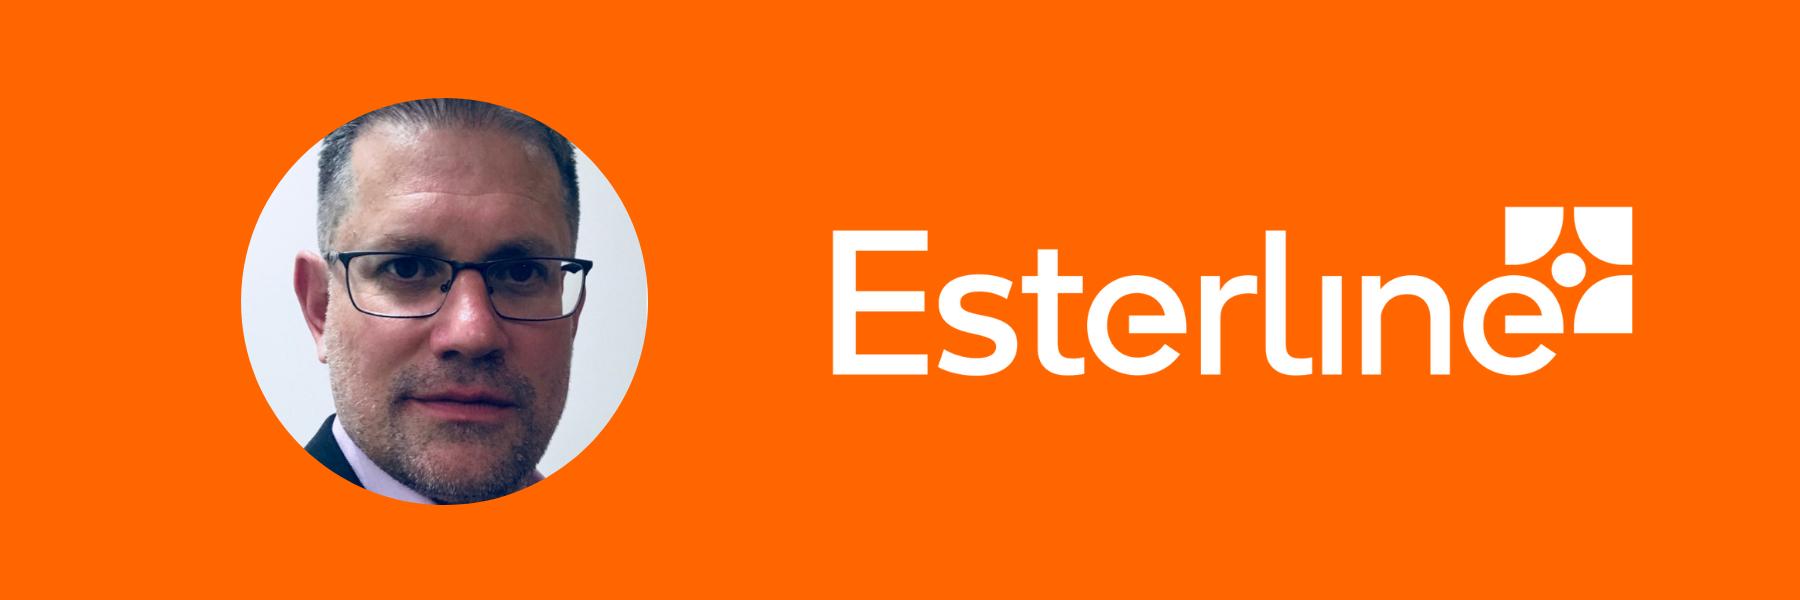 Esterline - VS.png